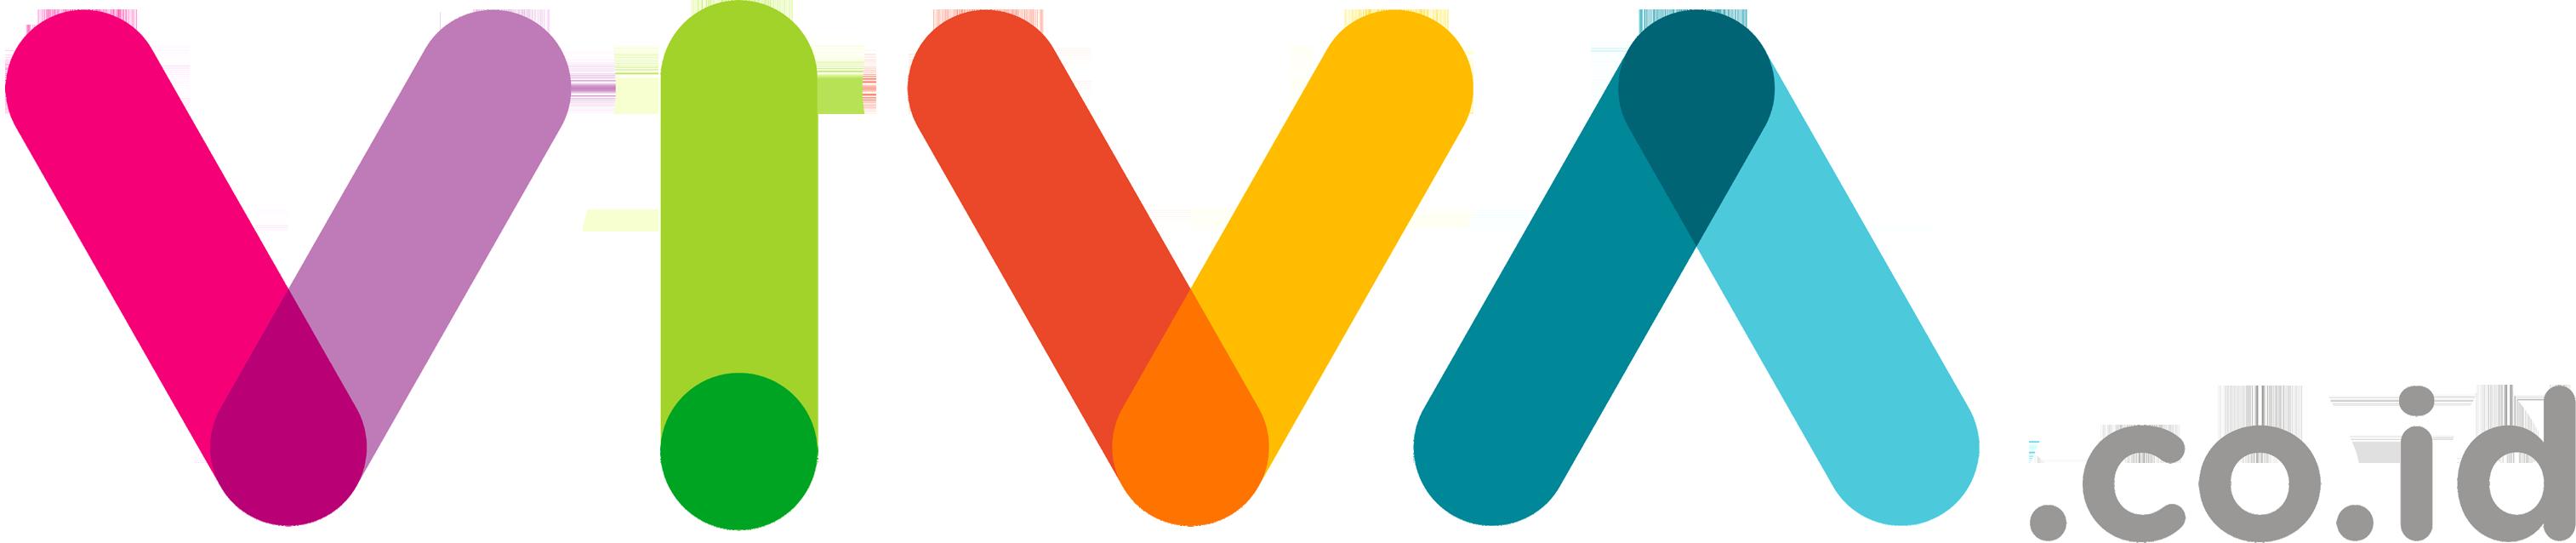 vivanews.com